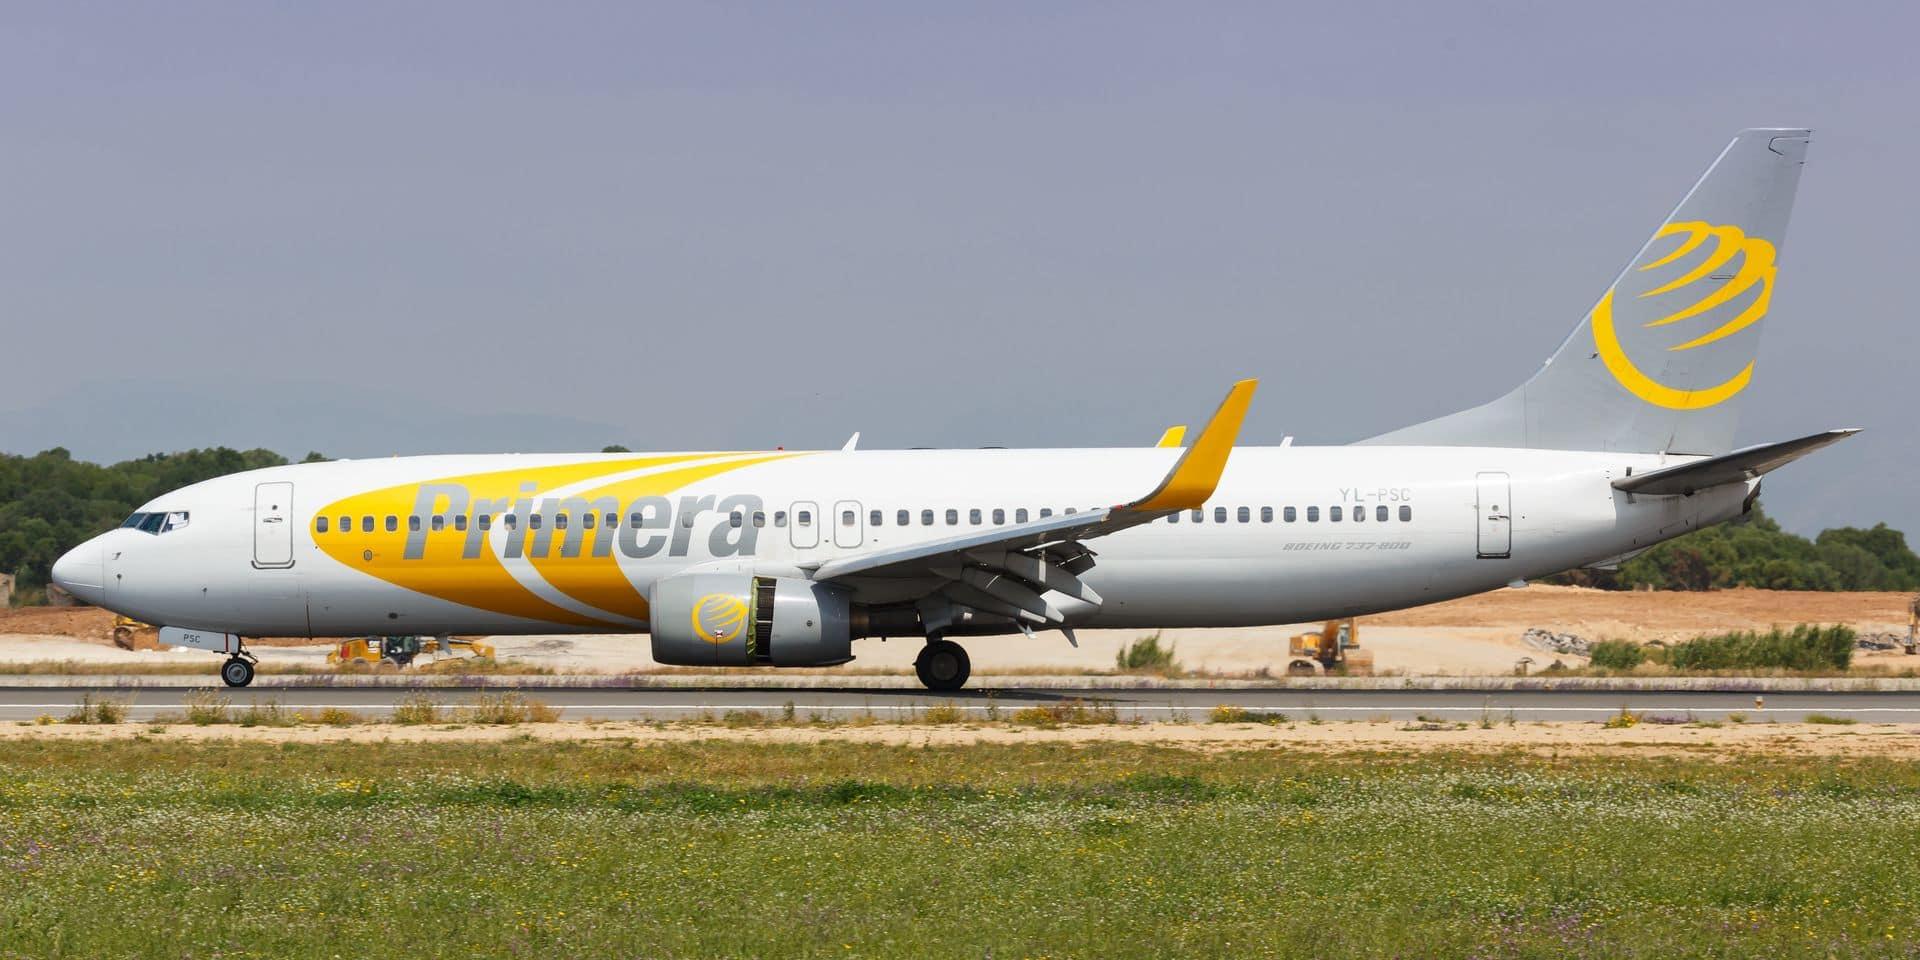 Primera Air, qui proposait des vols à bas prix depuis Bruxelles vers les Etats-Unis, fait faillite